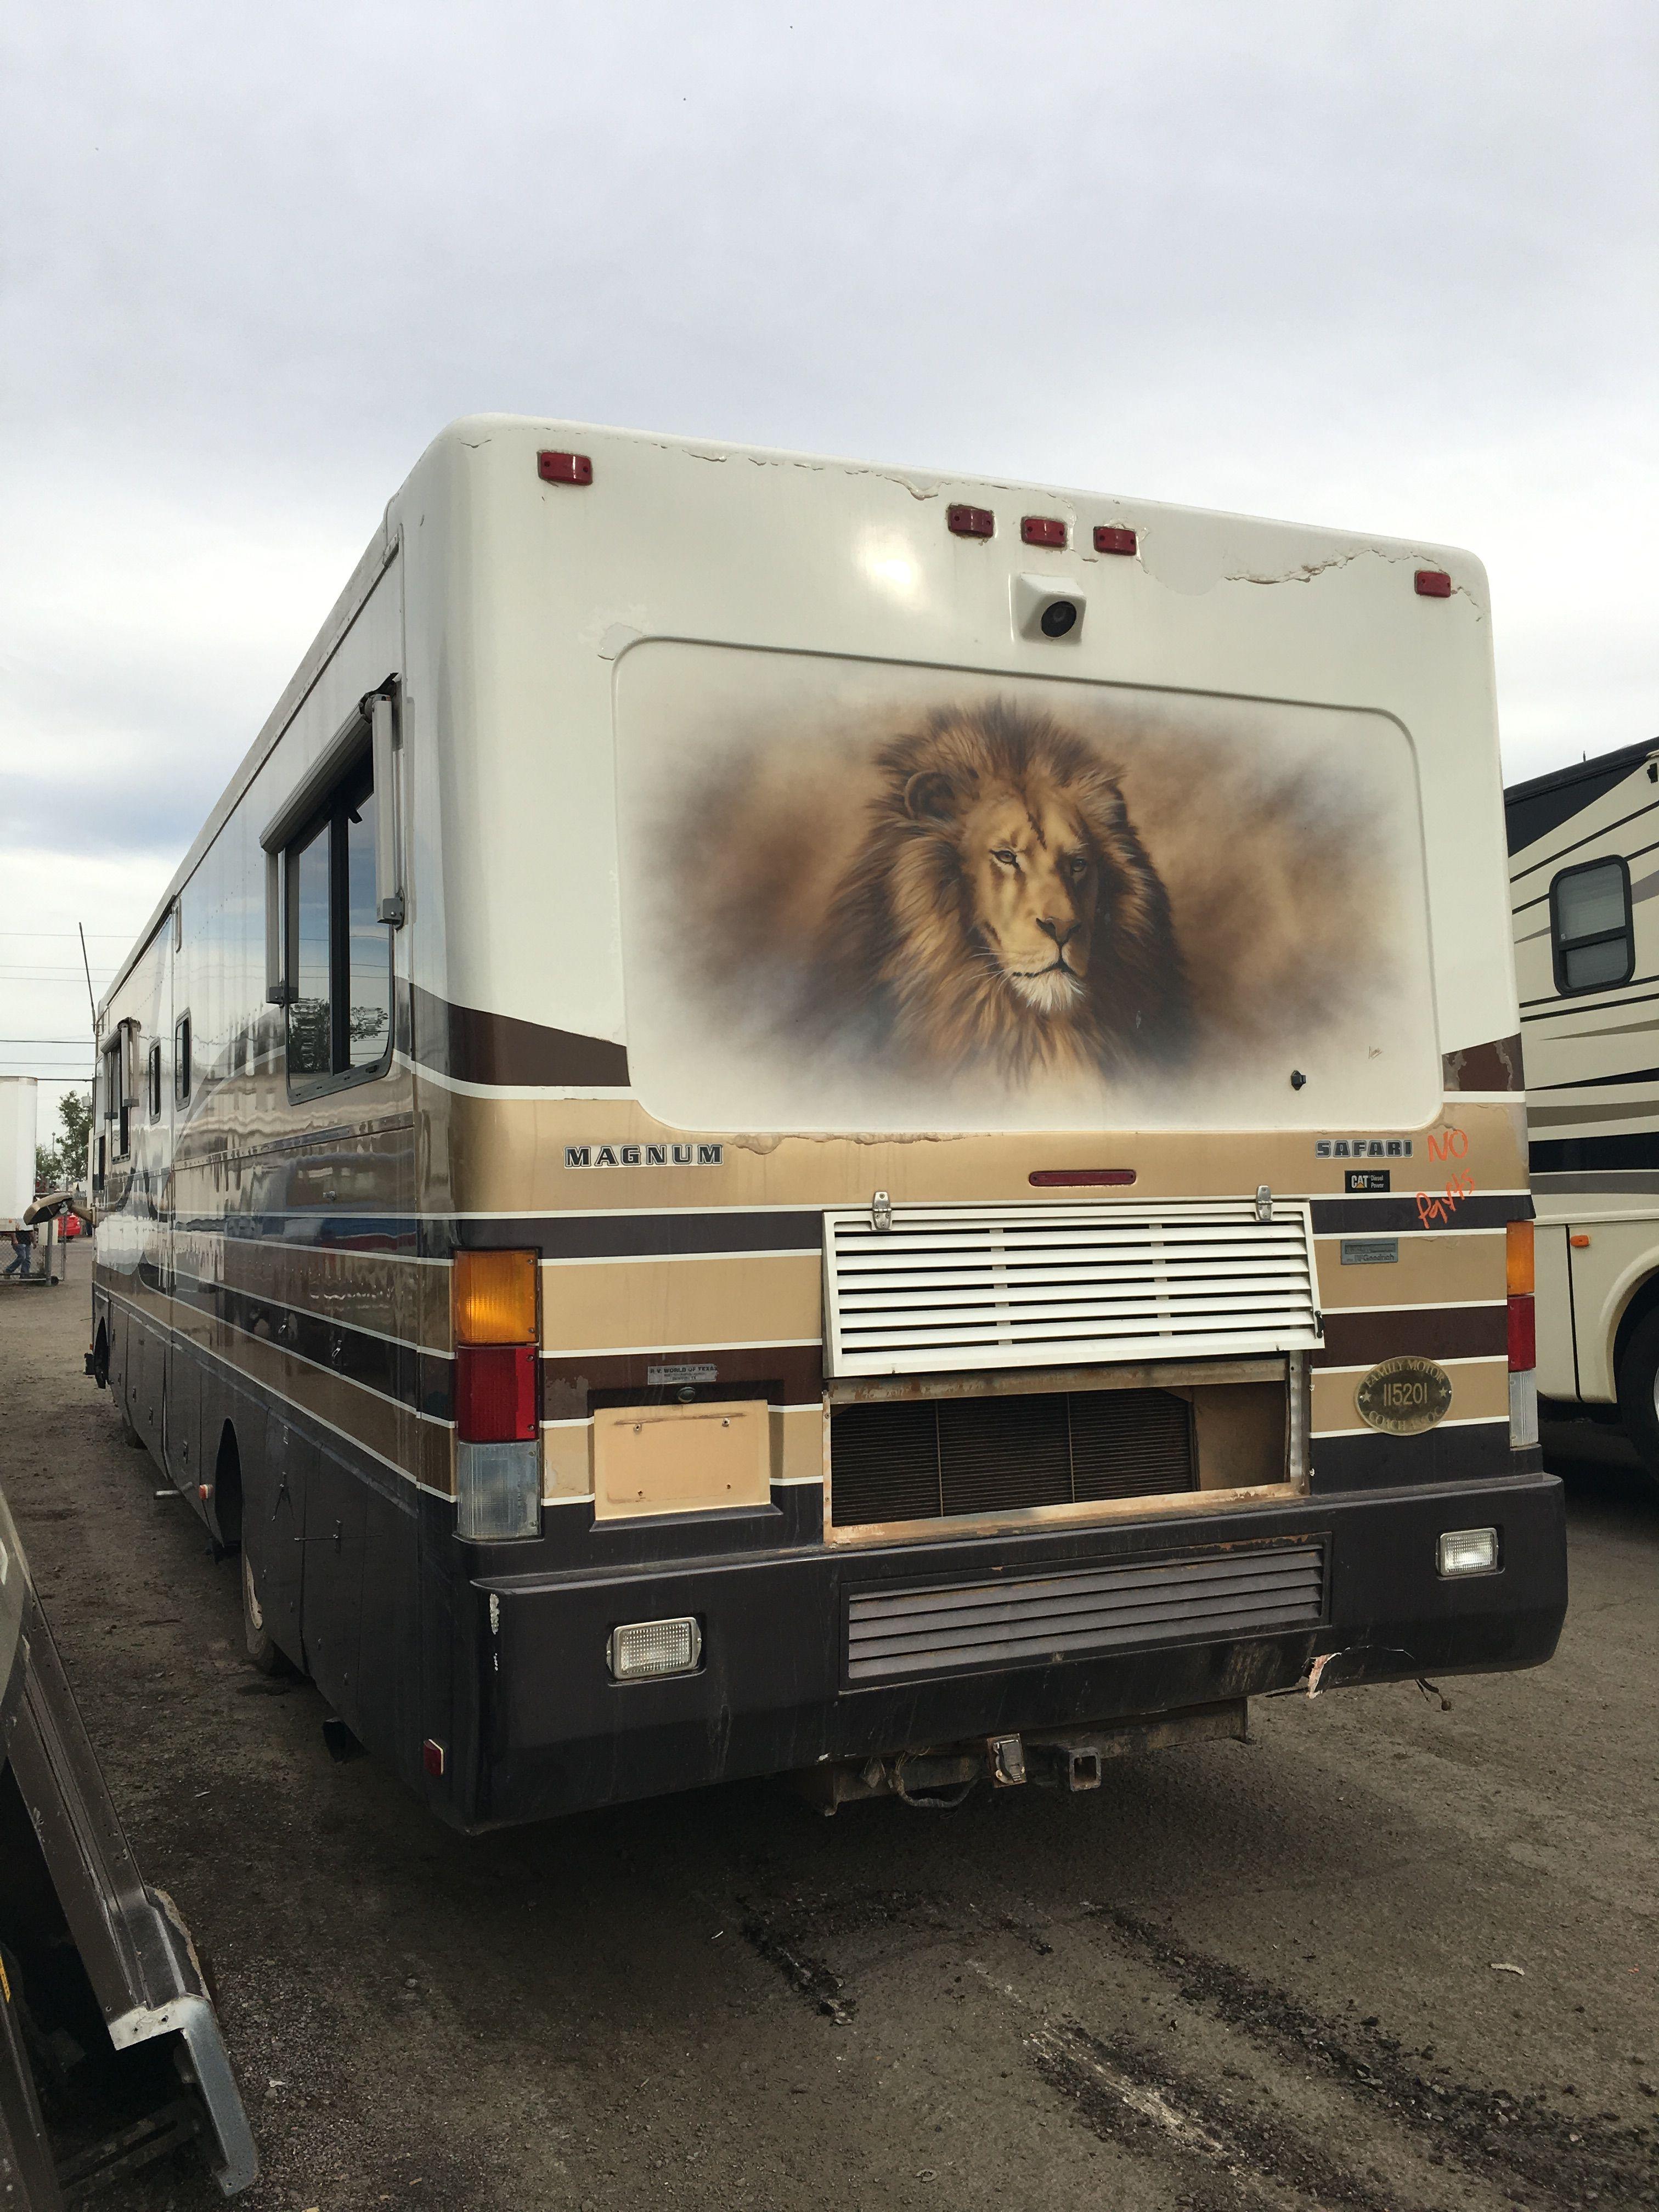 Safari rolling in to Arizona RV Salvage in Phoenix AZ